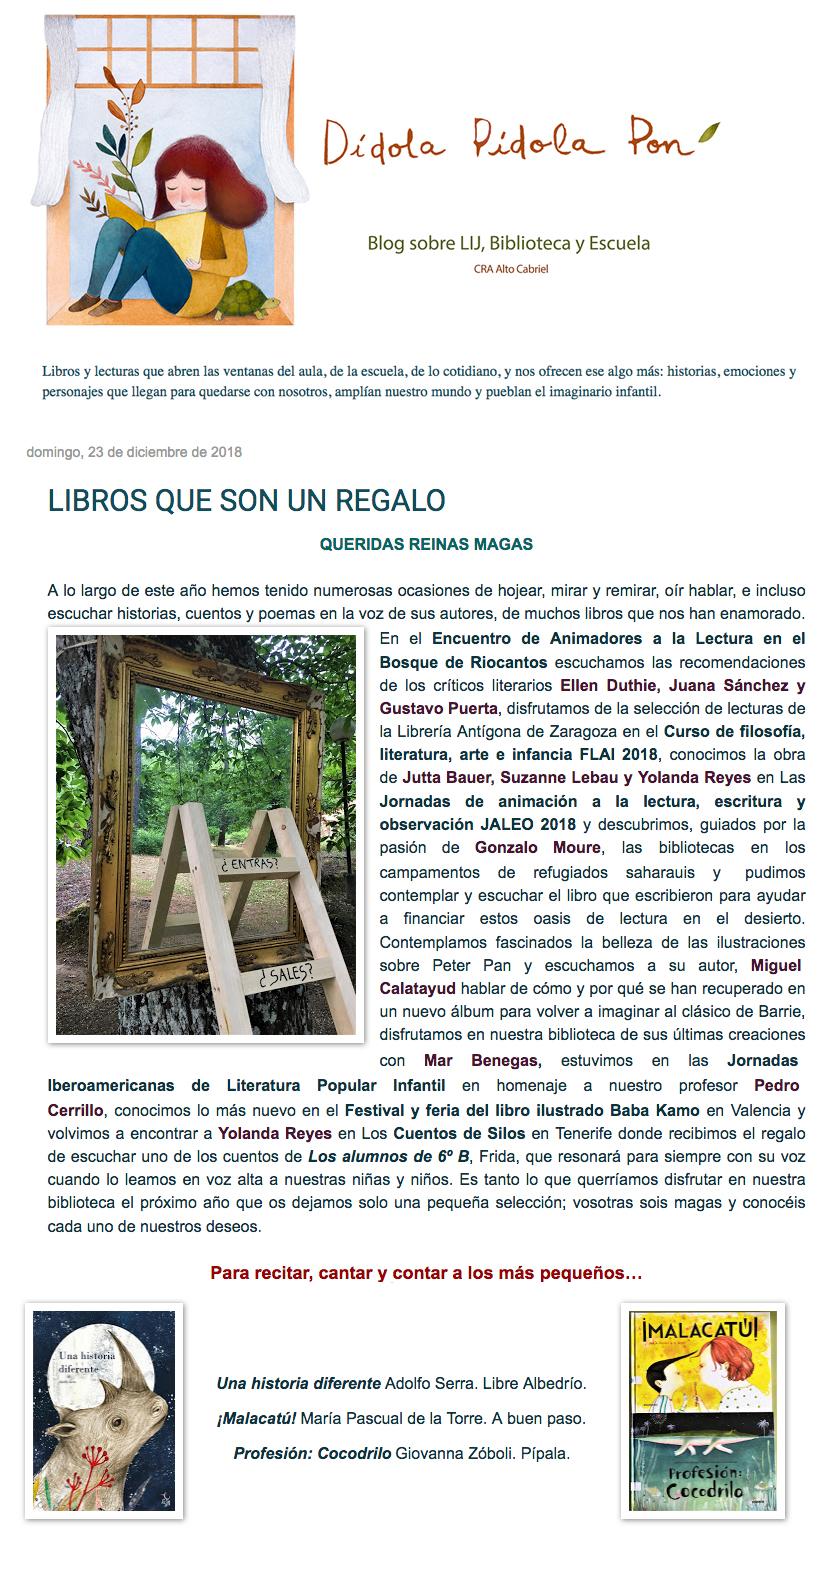 DidolaPidolaPon_Malacatu.jpg